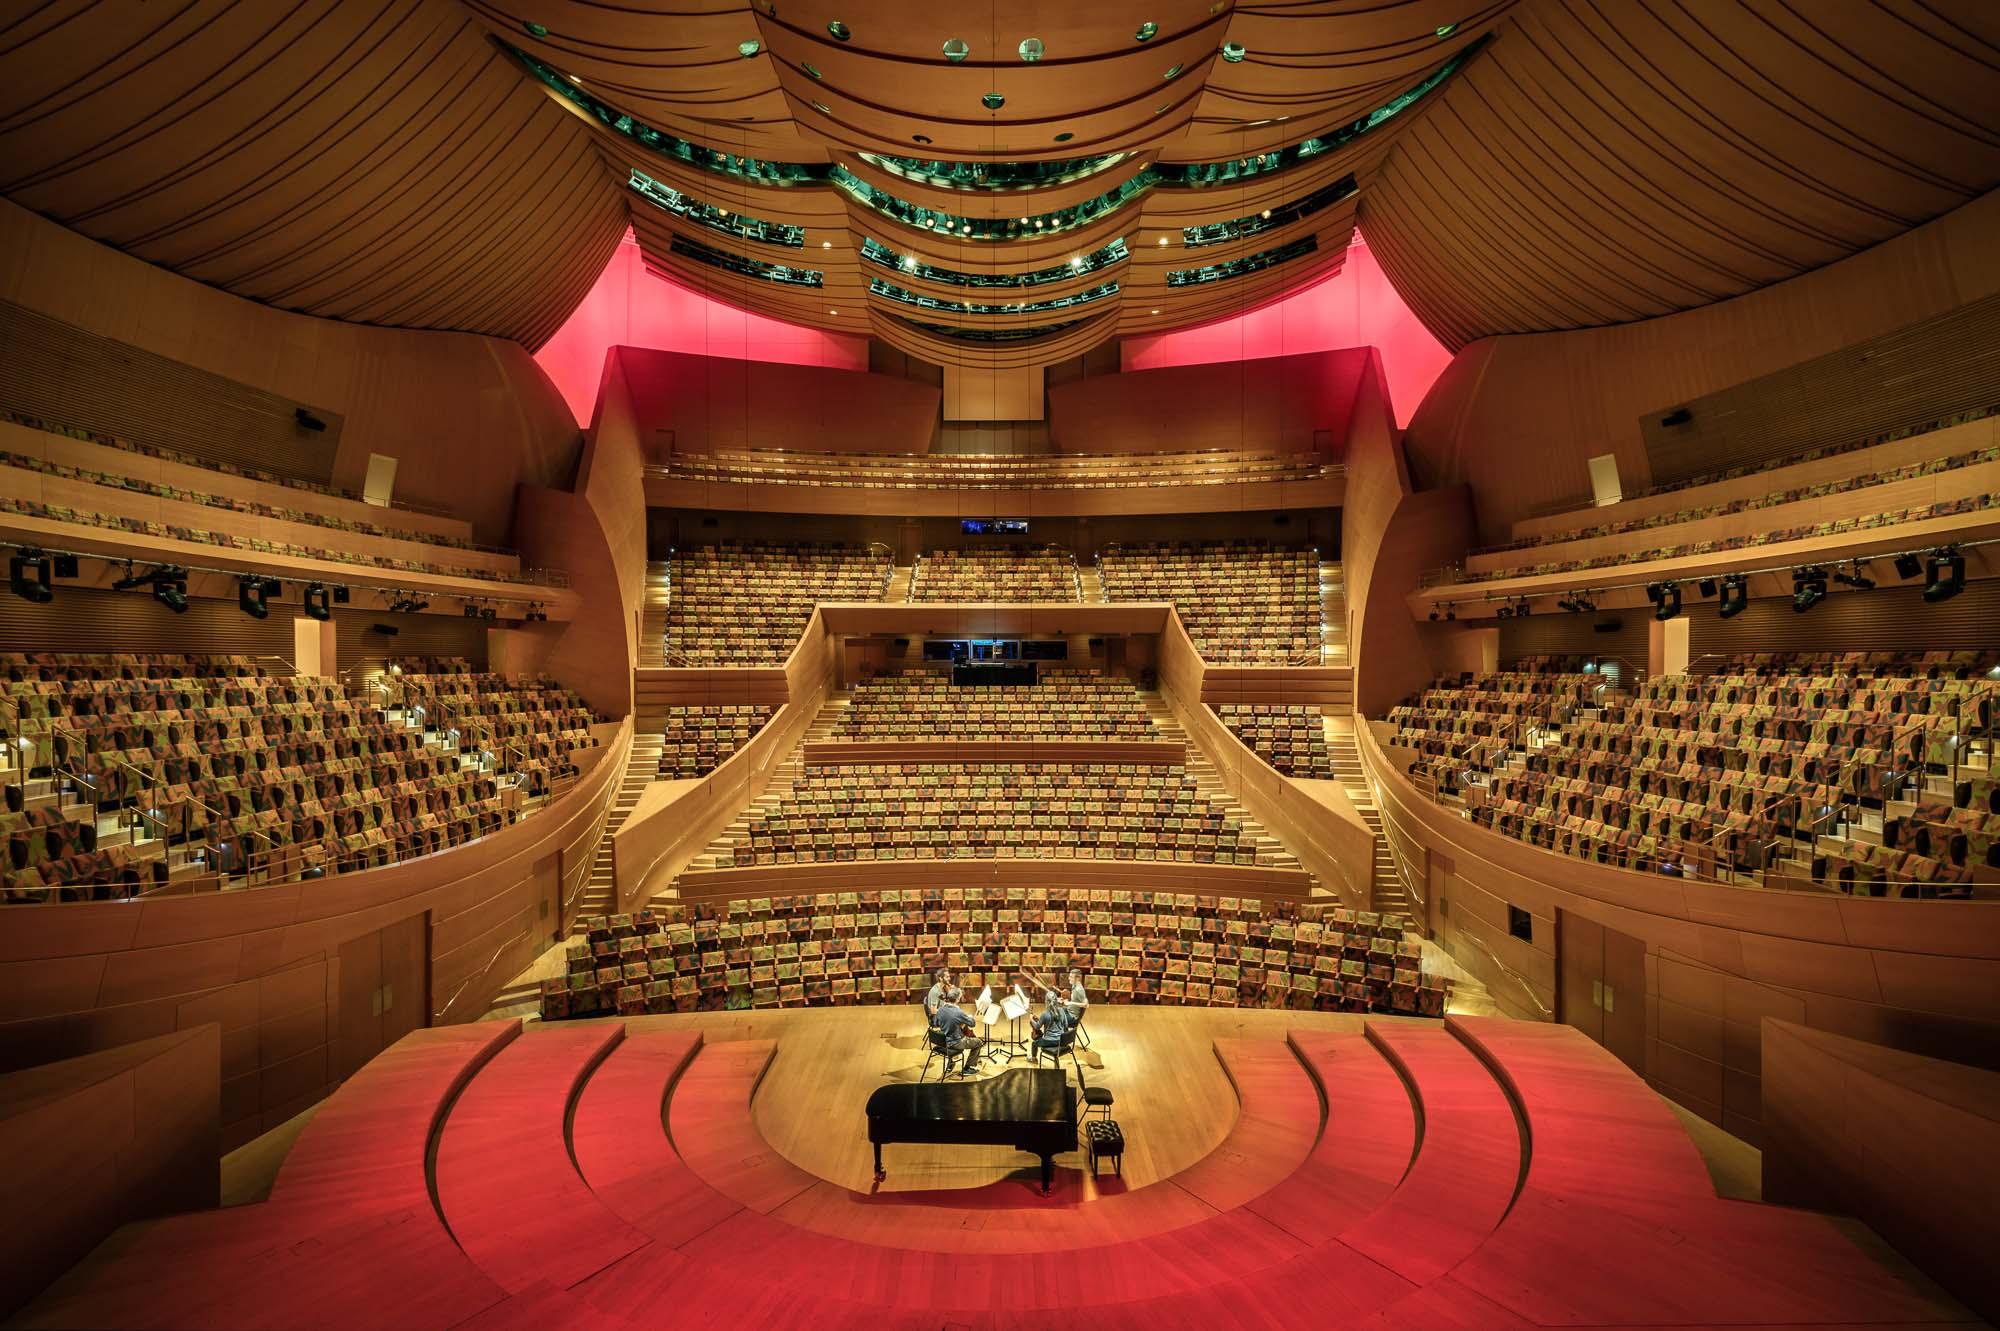 walt-disney-concert-hall-mike-kelley-3.jpg